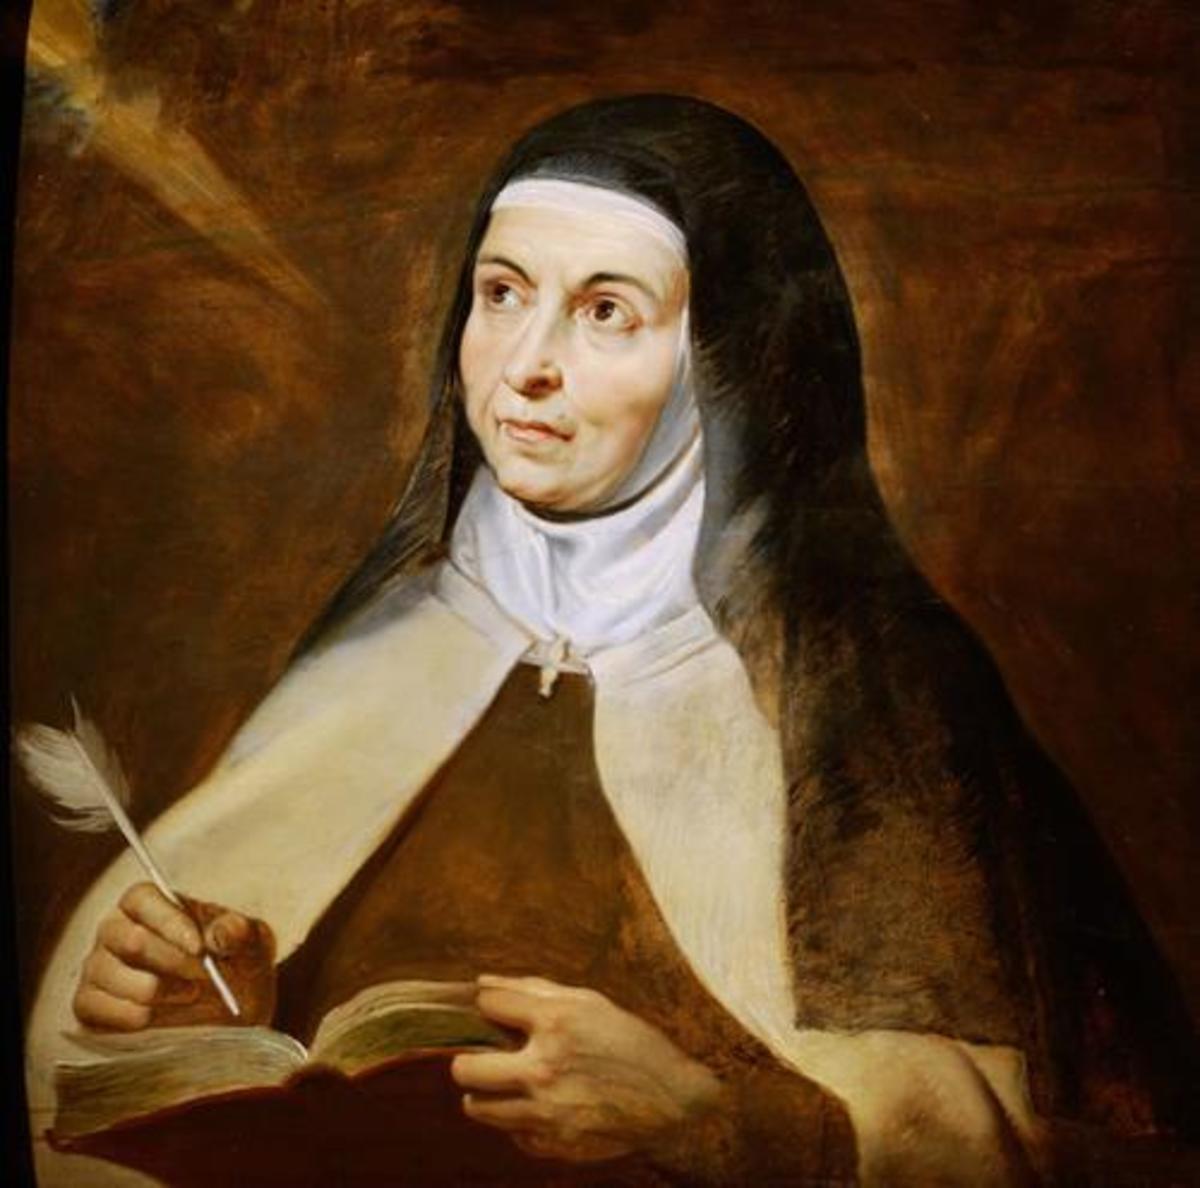 Saint Teresa of Ávila